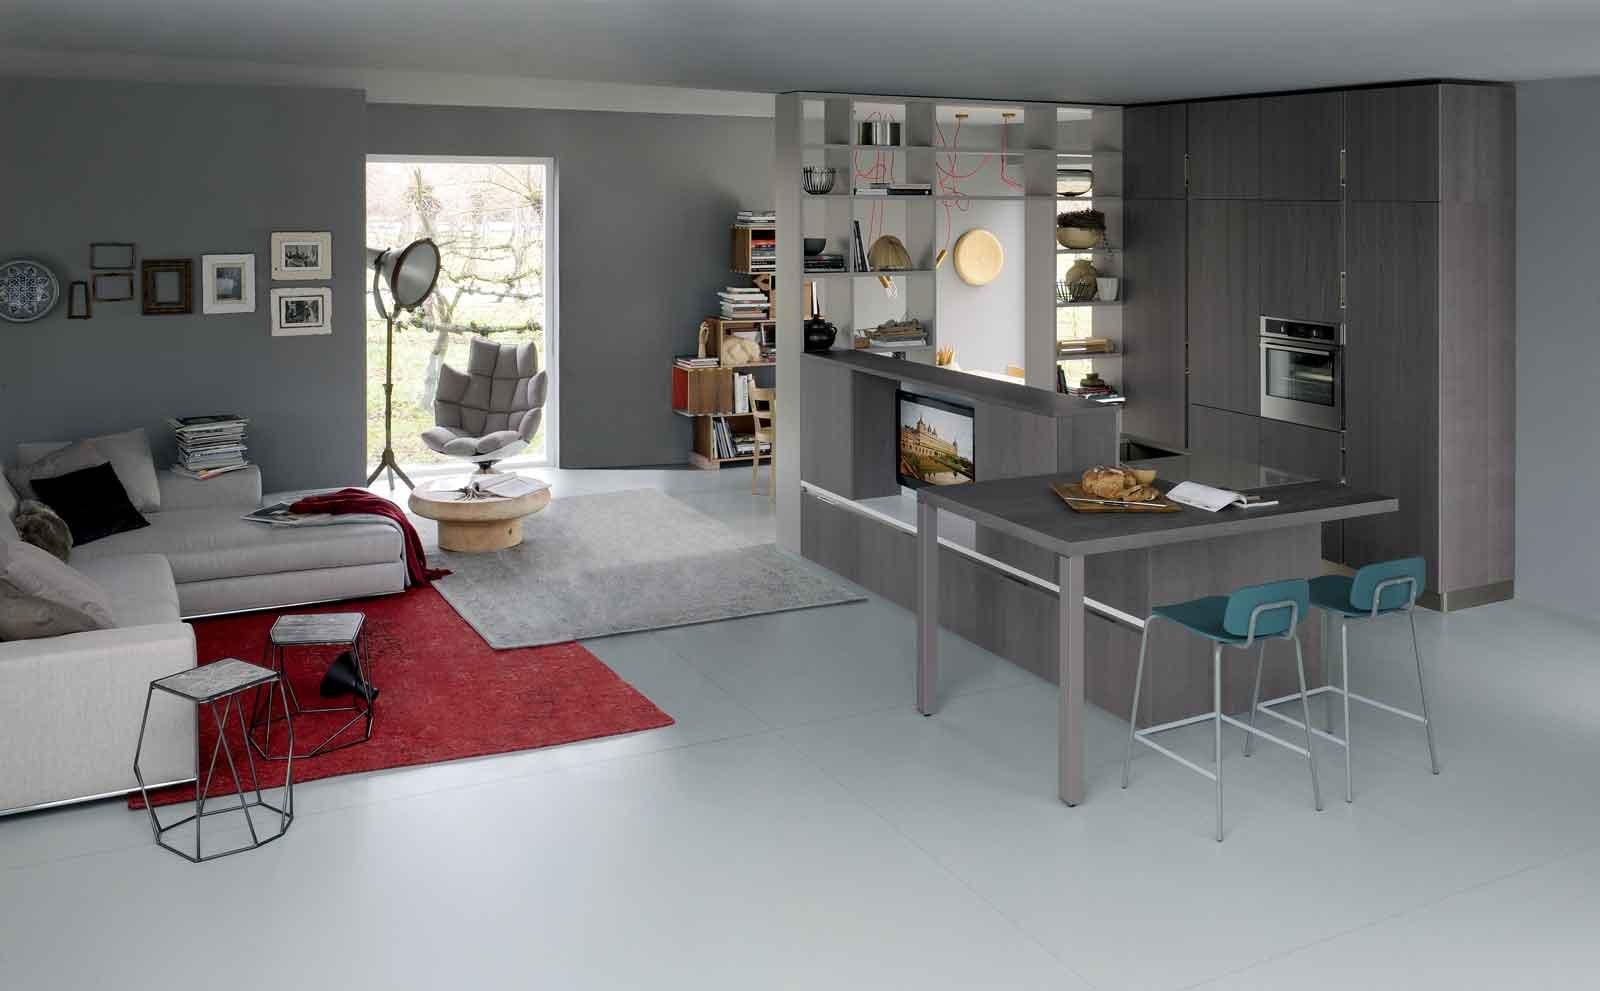 100+ [ arredare cucina e soggiorno insieme ] | divano cucina su ... - Ambiente Unico Cucina Salotto 2